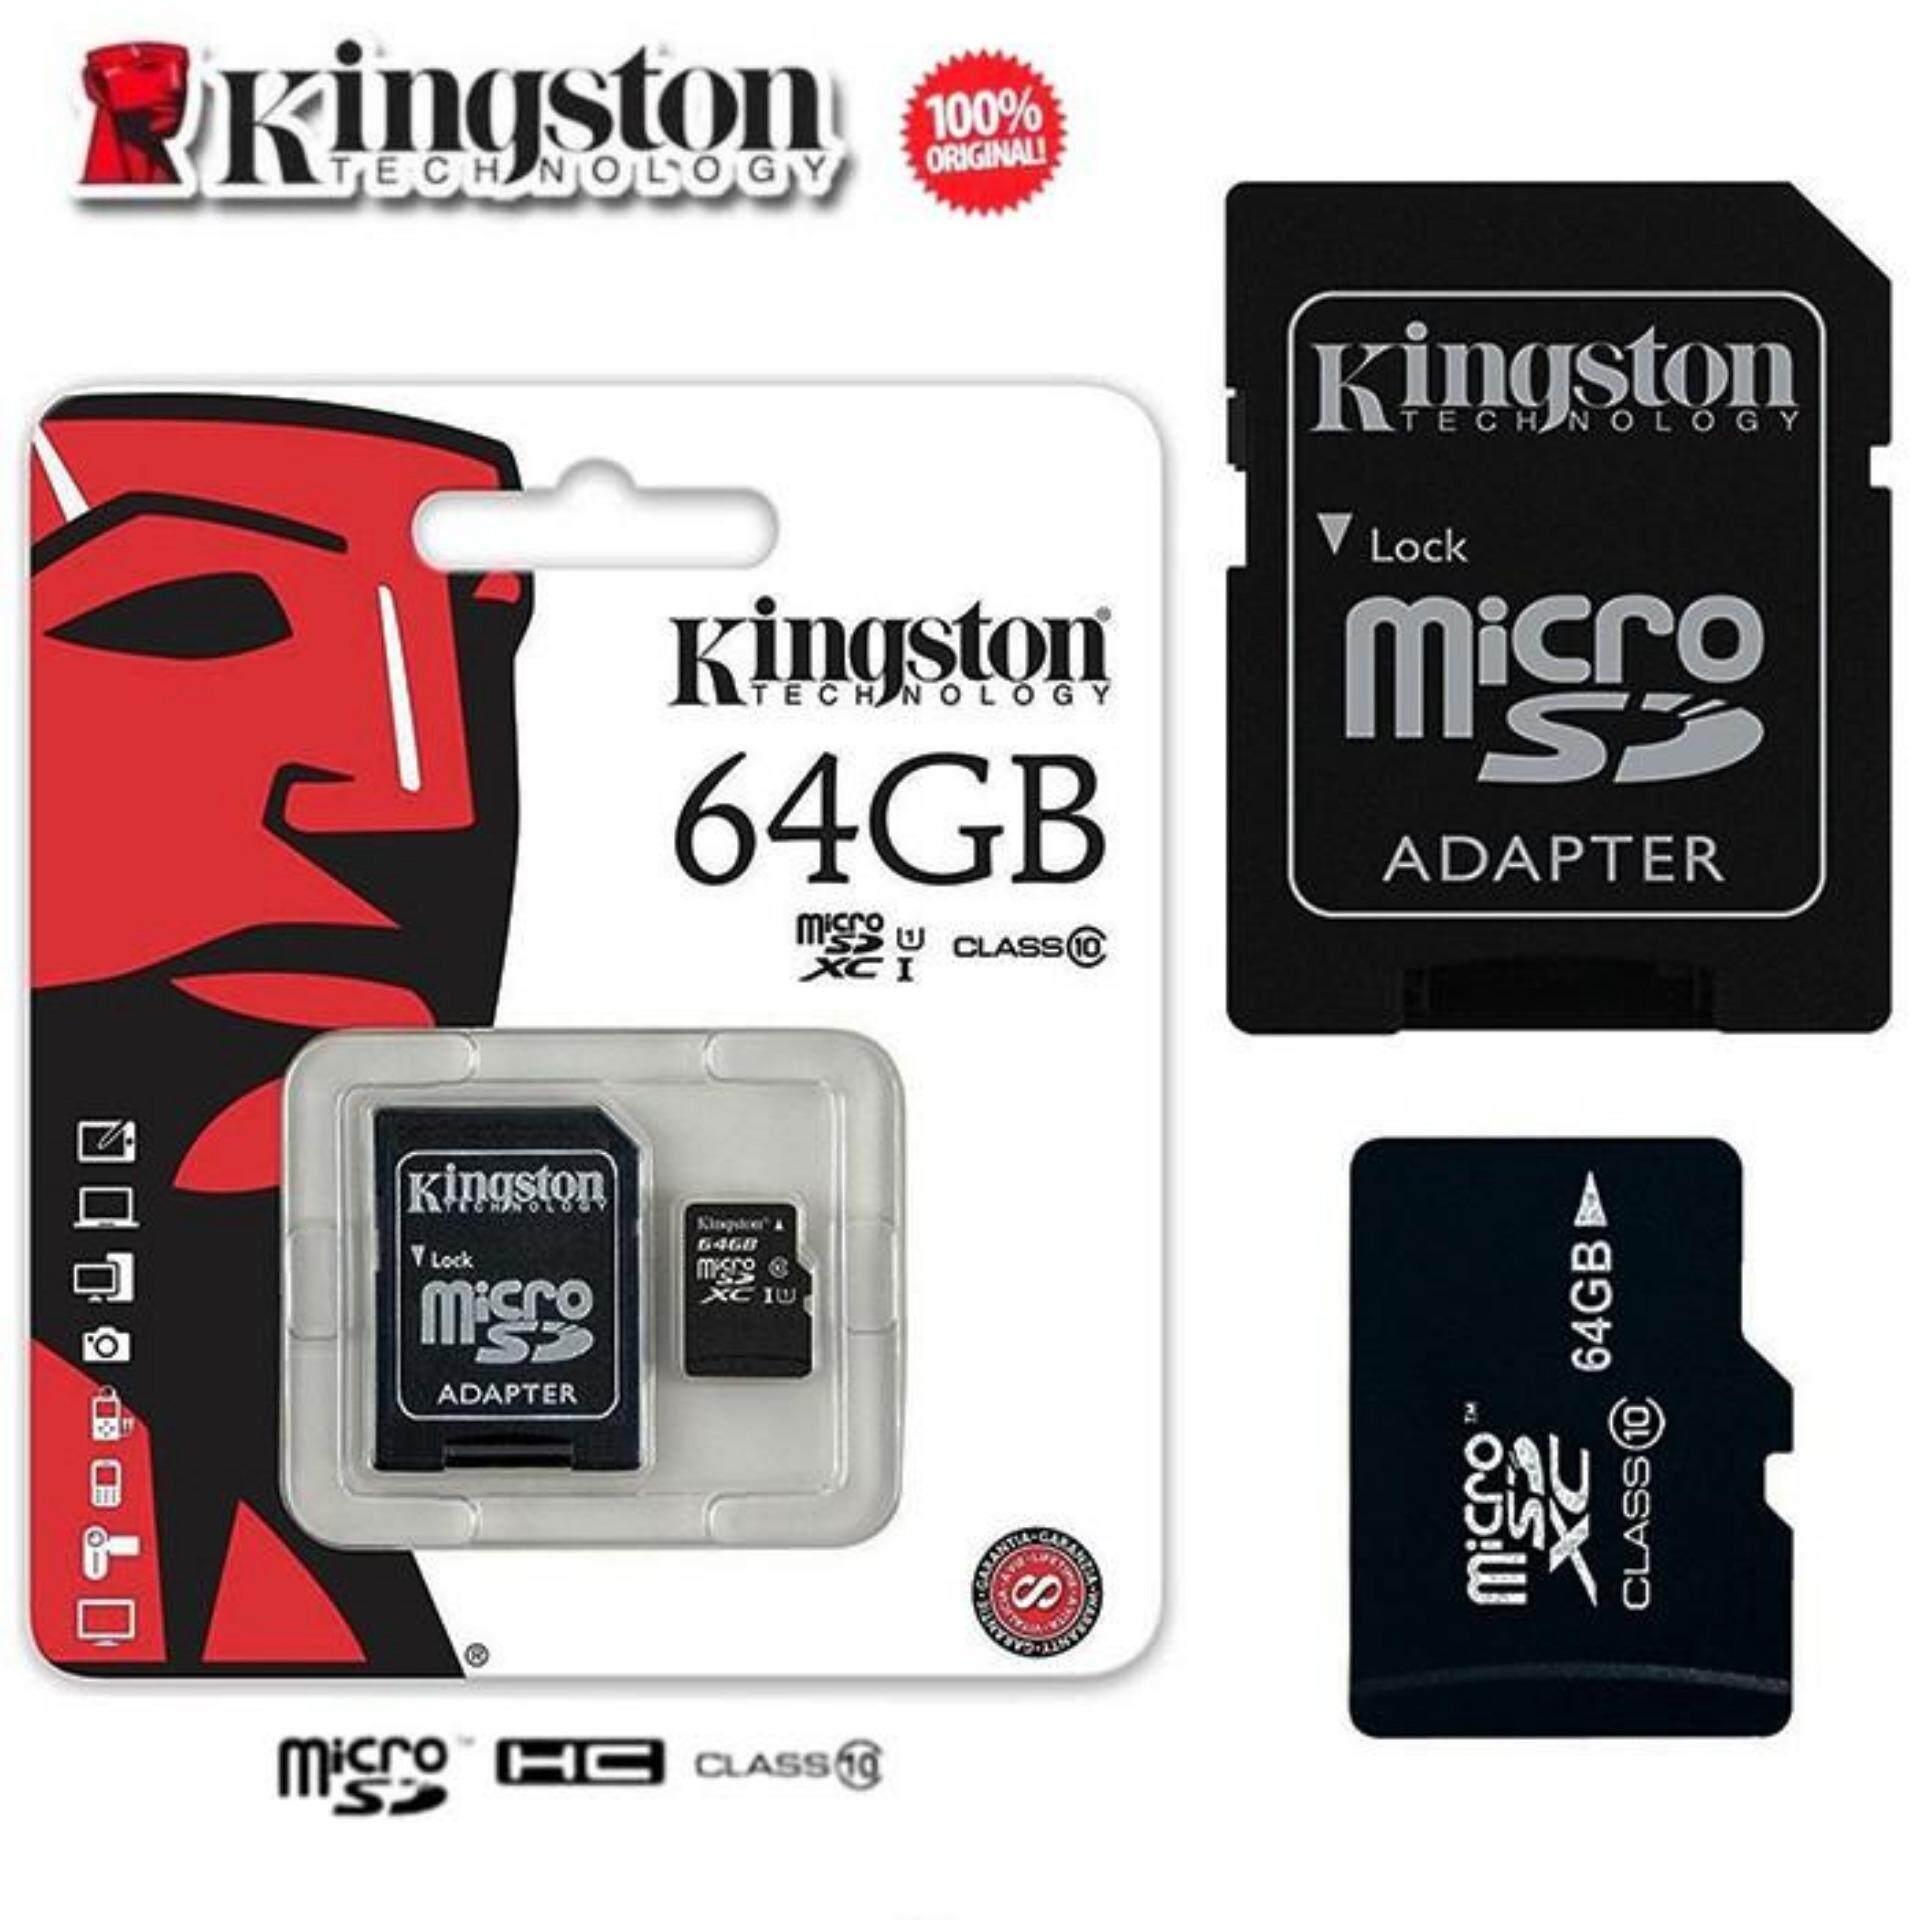 สุดยอดสินค้า!! SD Card Micro SDHC 64 GB Class 10 รับประกันของแท้ ฟรีค่าจัดส่ง Kerry Express ส่งด่วน